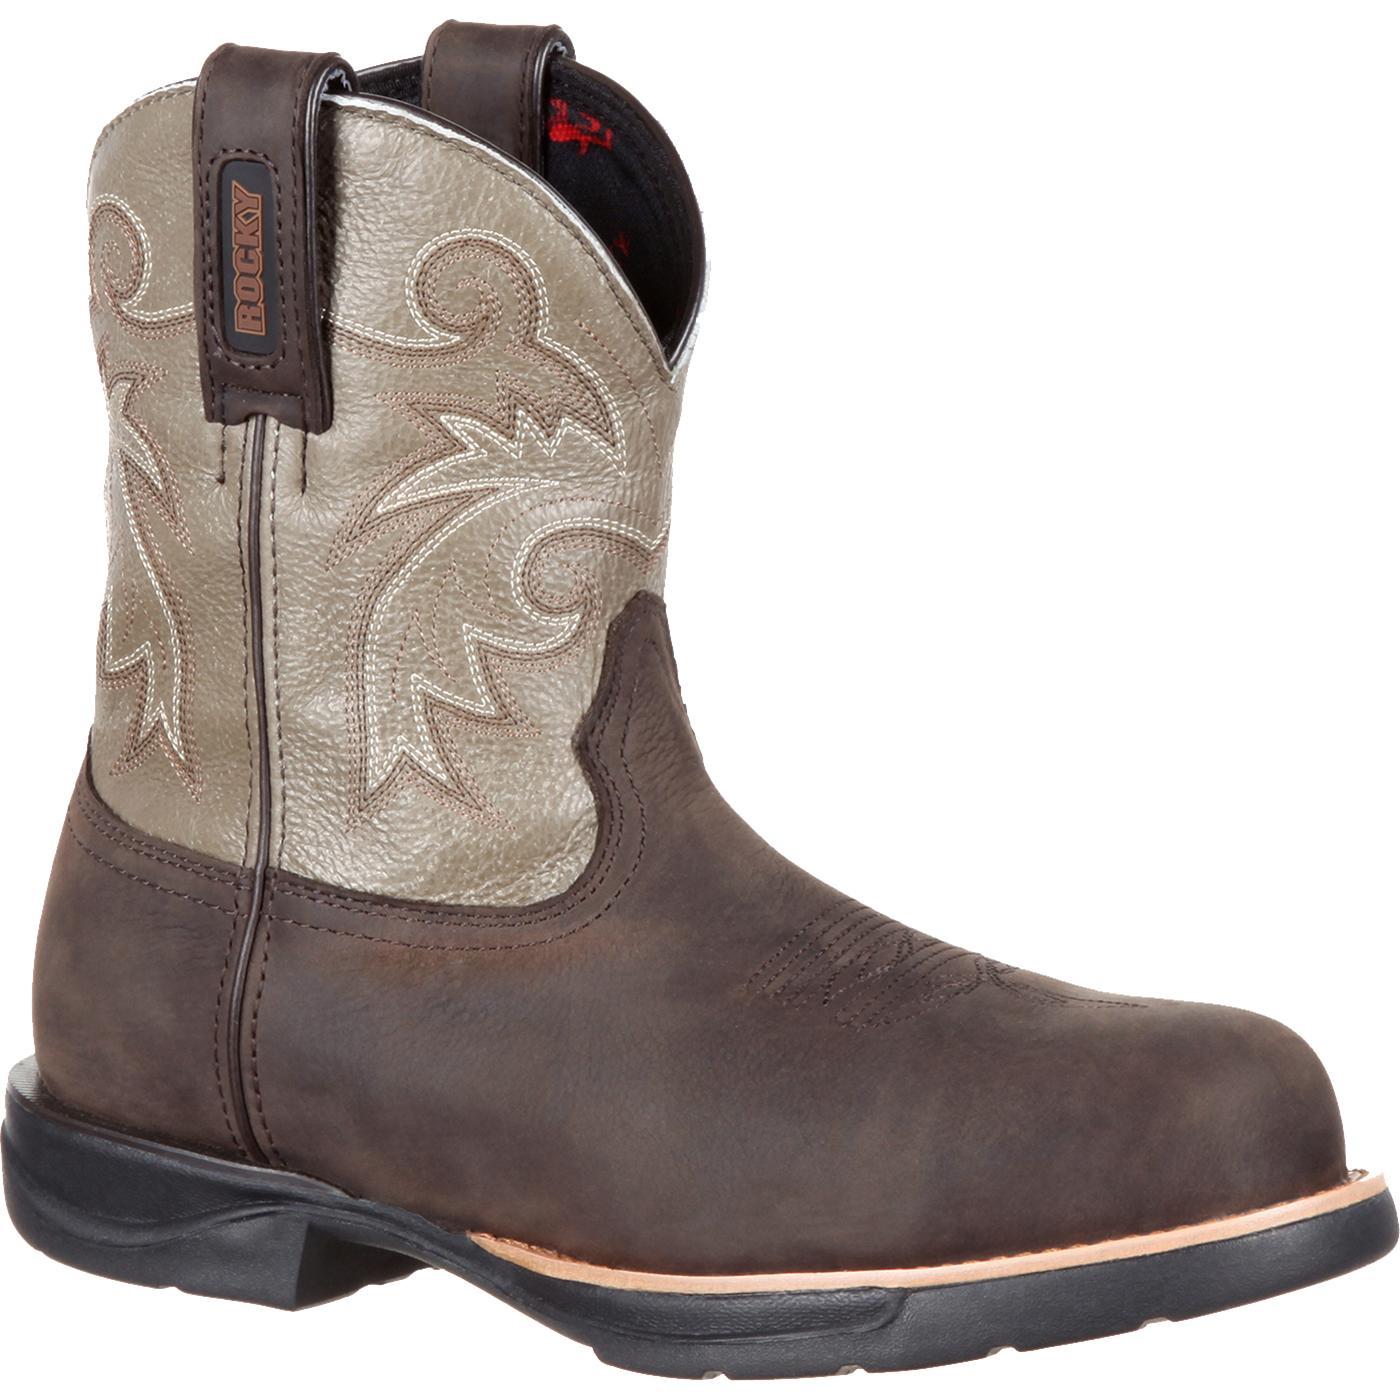 b9fe112795c Rocky LT Women's Composite Toe Waterproof Western Boot